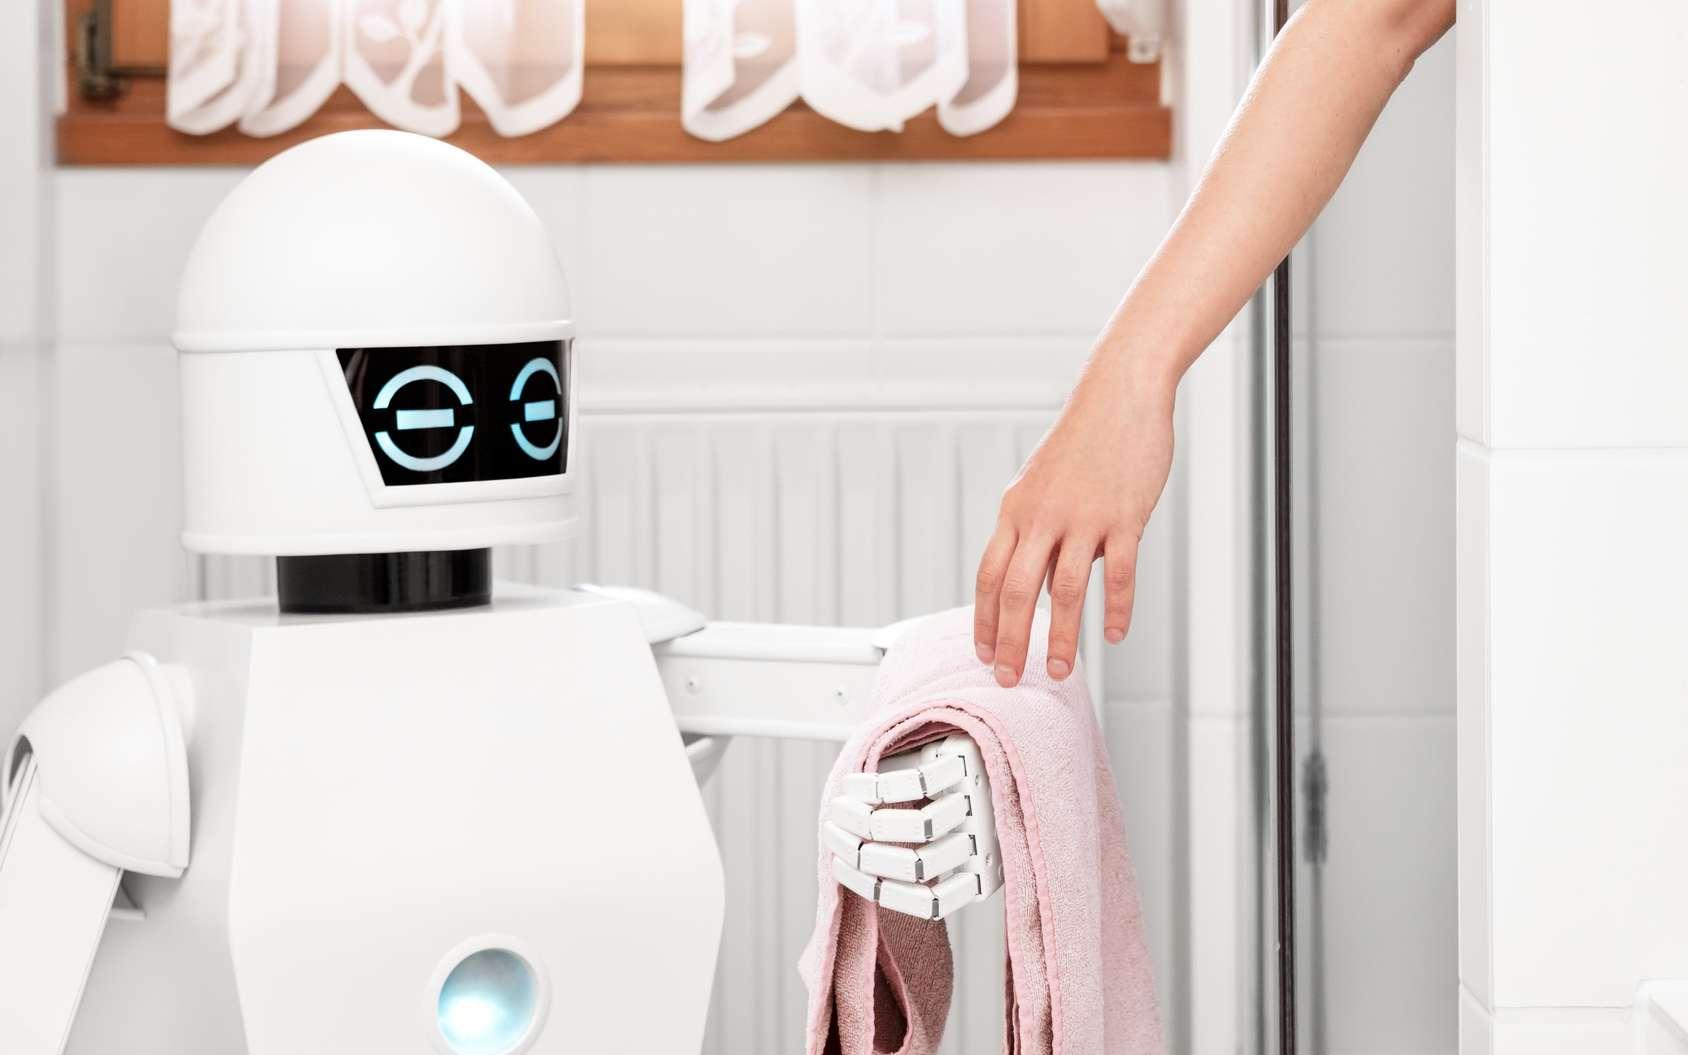 Selon Bloomberg, le robot domestique d'Amazon serait une version sur roues de l'assistant vocal Alexa. © M.Dörr & M.Frommherz, Fotolia